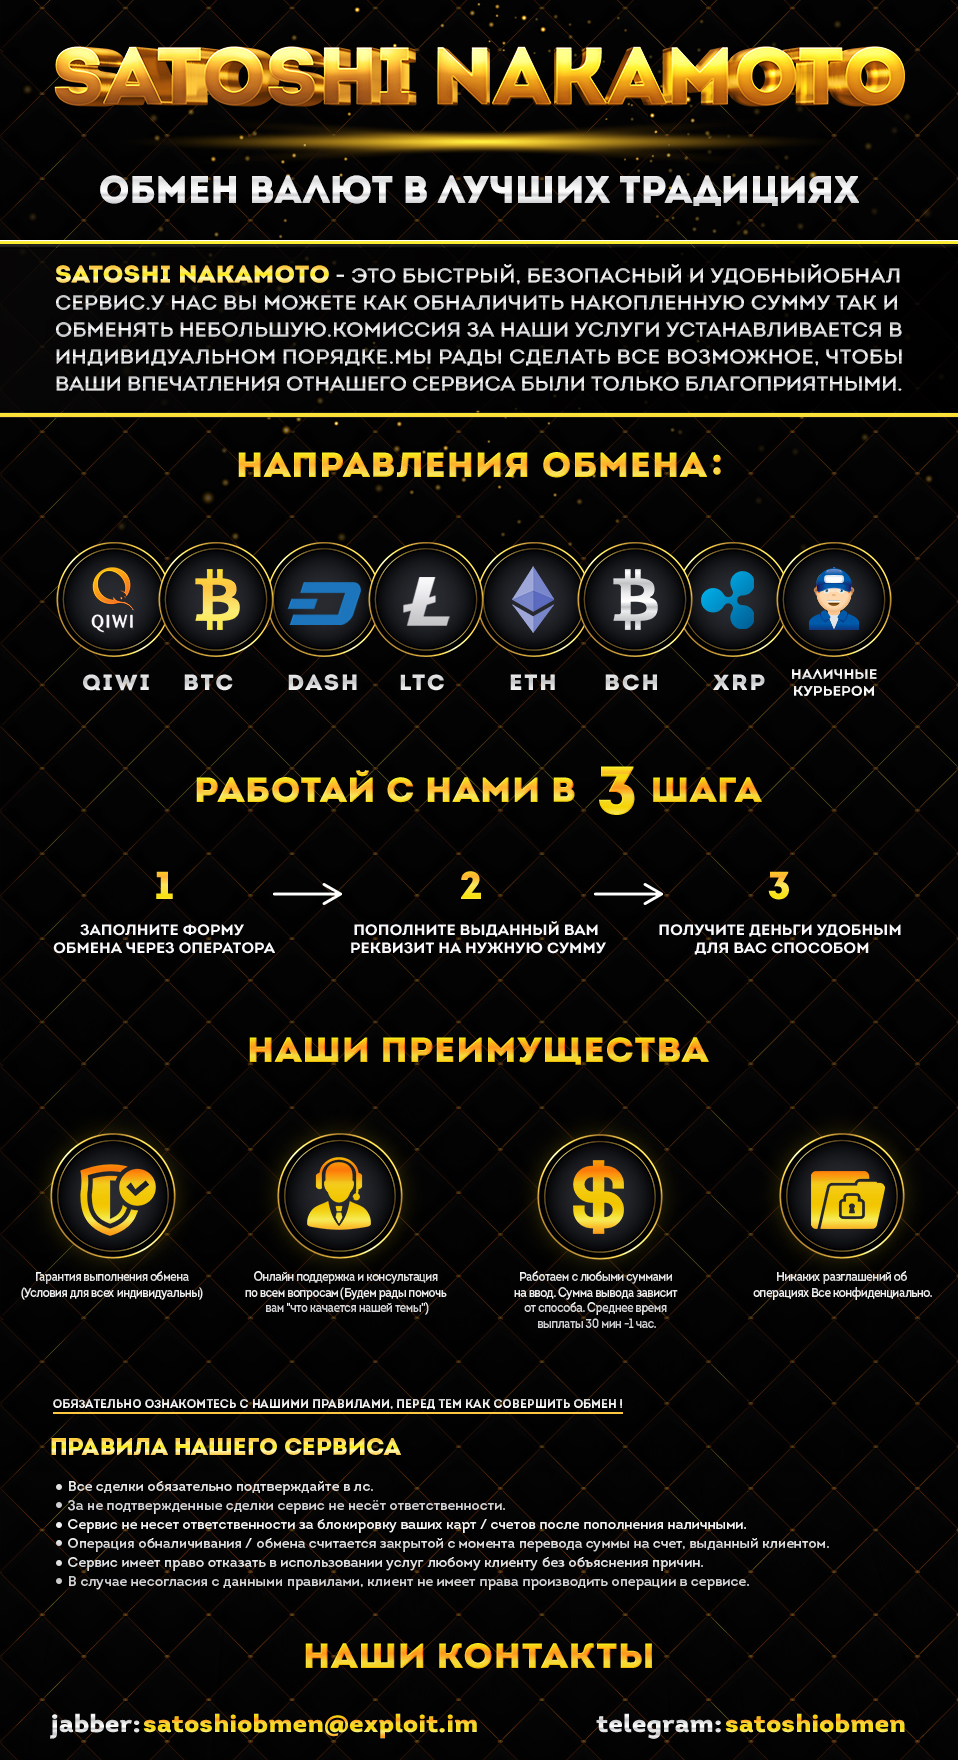 http://images.vfl.ru/ii/1520872325/541b1c64/20930031.jpg